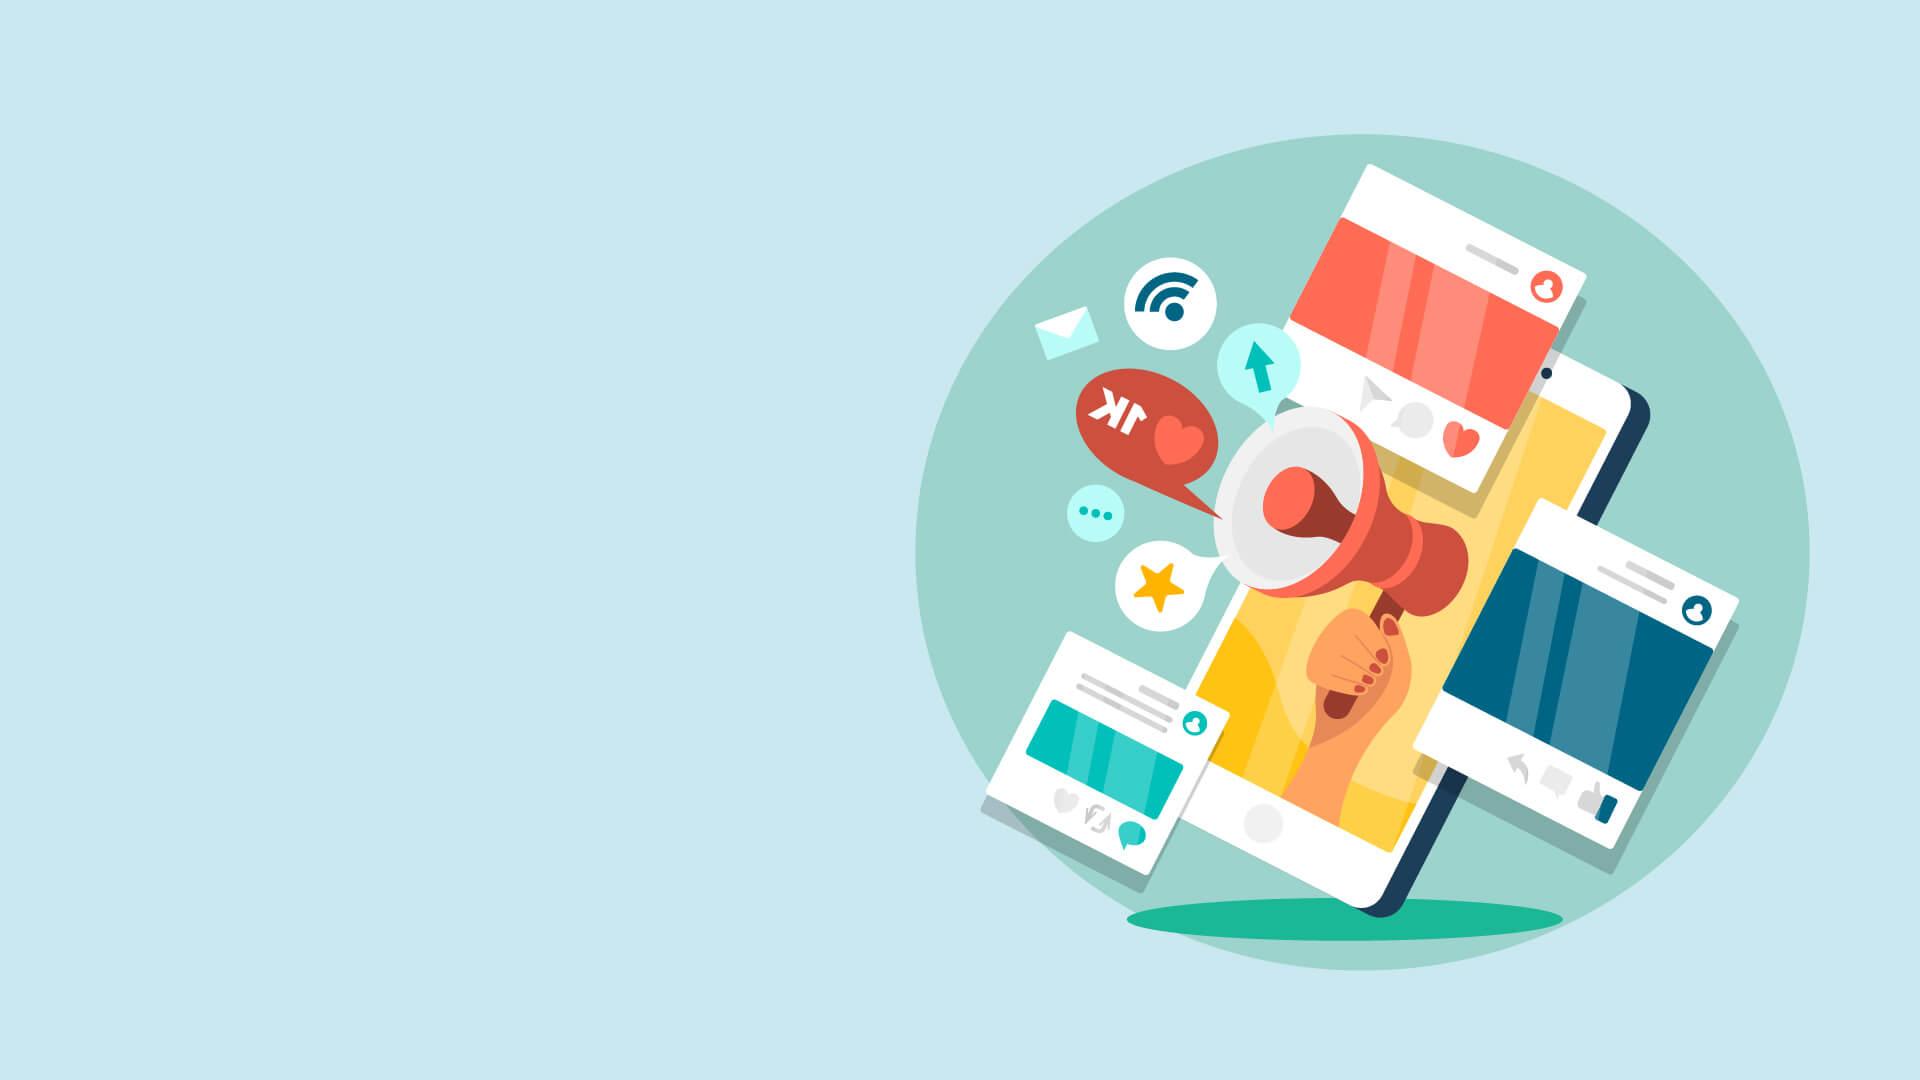 Soluciones Web y Marketing para Negocios